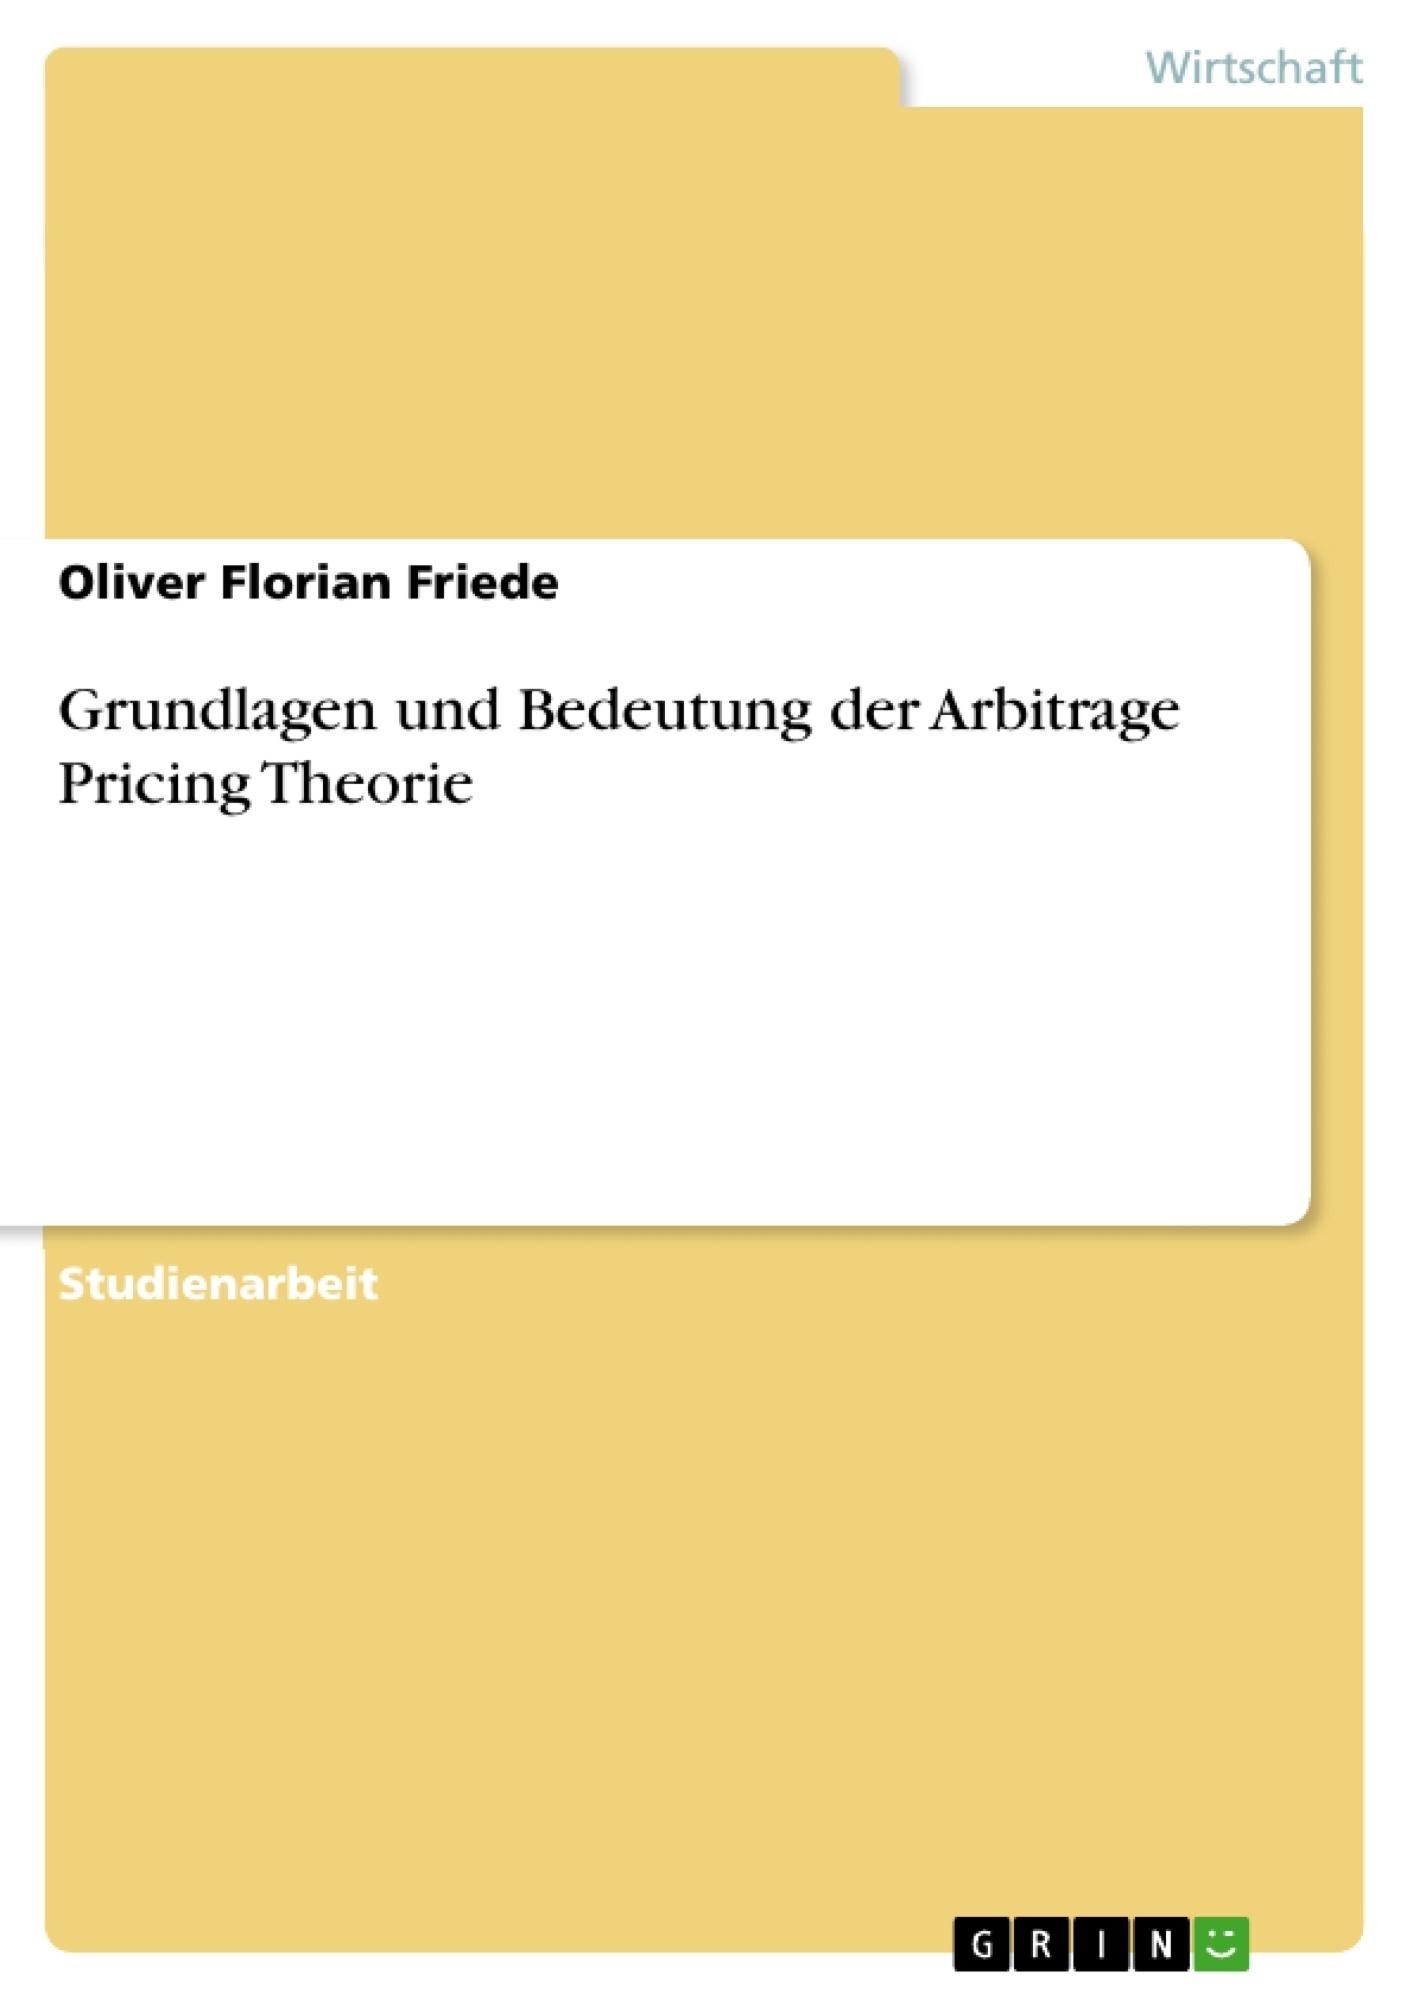 Titel: Grundlagen und Bedeutung der Arbitrage Pricing Theorie